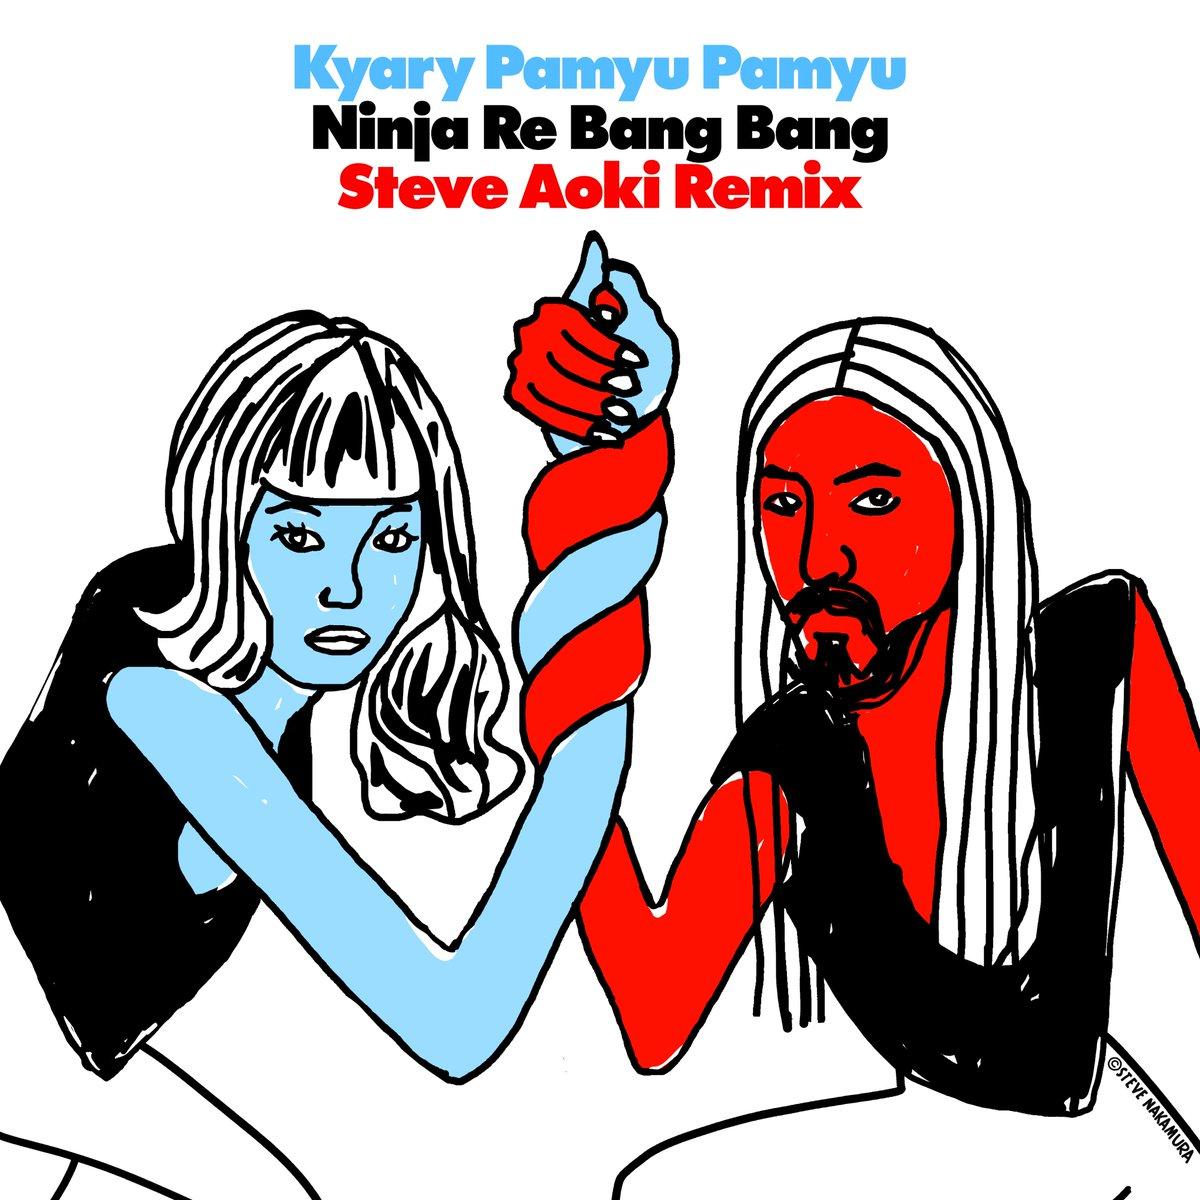 🎧♦️#きゃりーぱみゅぱみゅ♦️🎧 ニューシングルがリリース!  「#にんじゃりばんばん Steve Aoki Remix」  スティーヴ・アオキ (@steveaoki )のリミックス!可愛くてカッコいいトラック🔥🔥  タッグを組んだジャケットのイラスト❤️❤️❤️  Deezerでお楽しみください ▶️